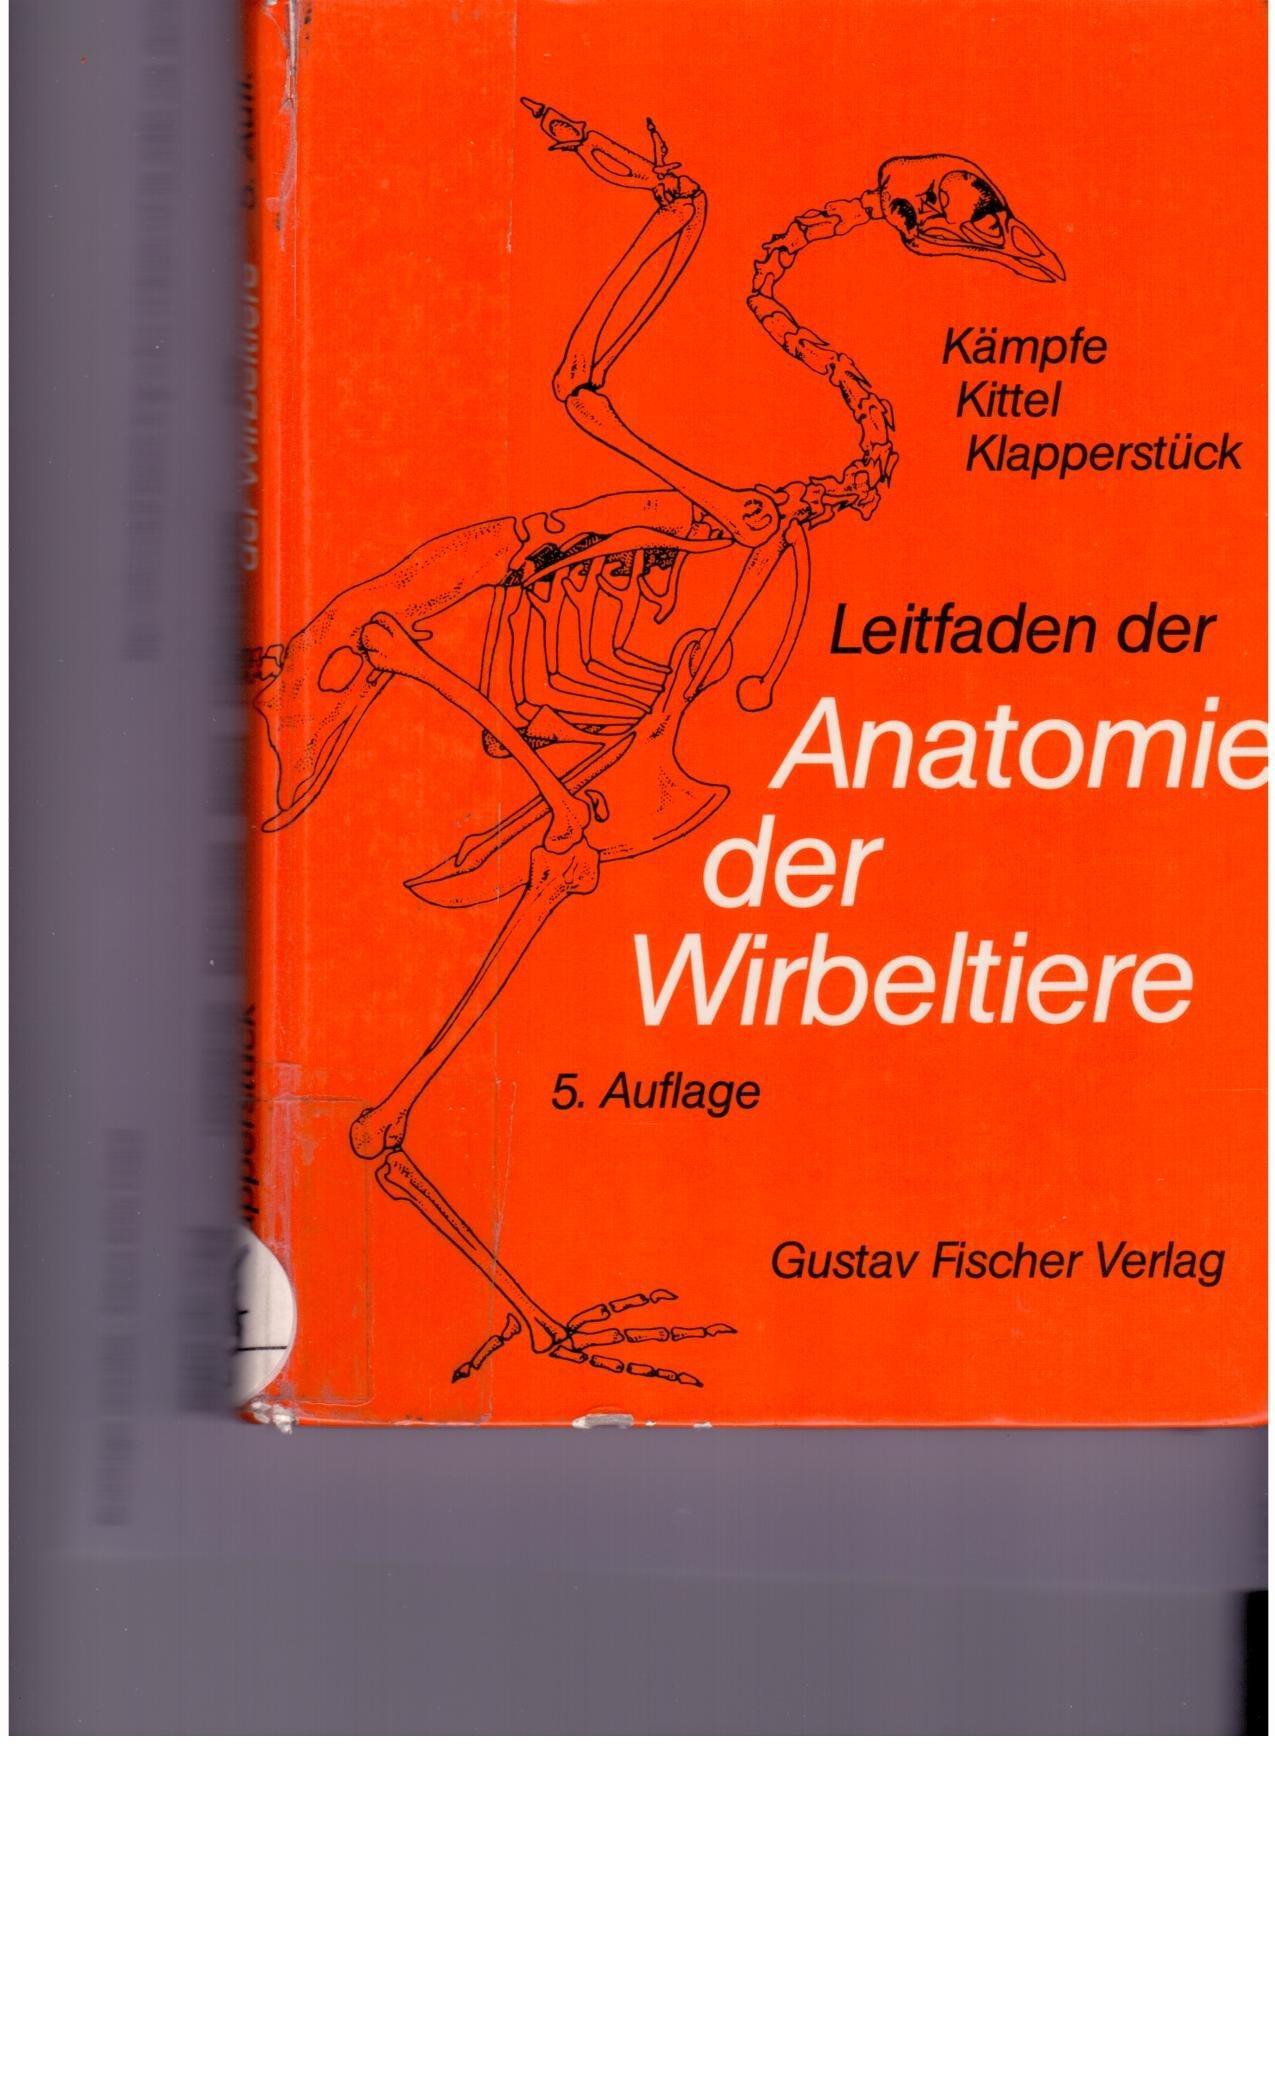 Leitfaden der Anatomie der Wirbeltiere: Amazon.de: Lothar Kämpfe ...